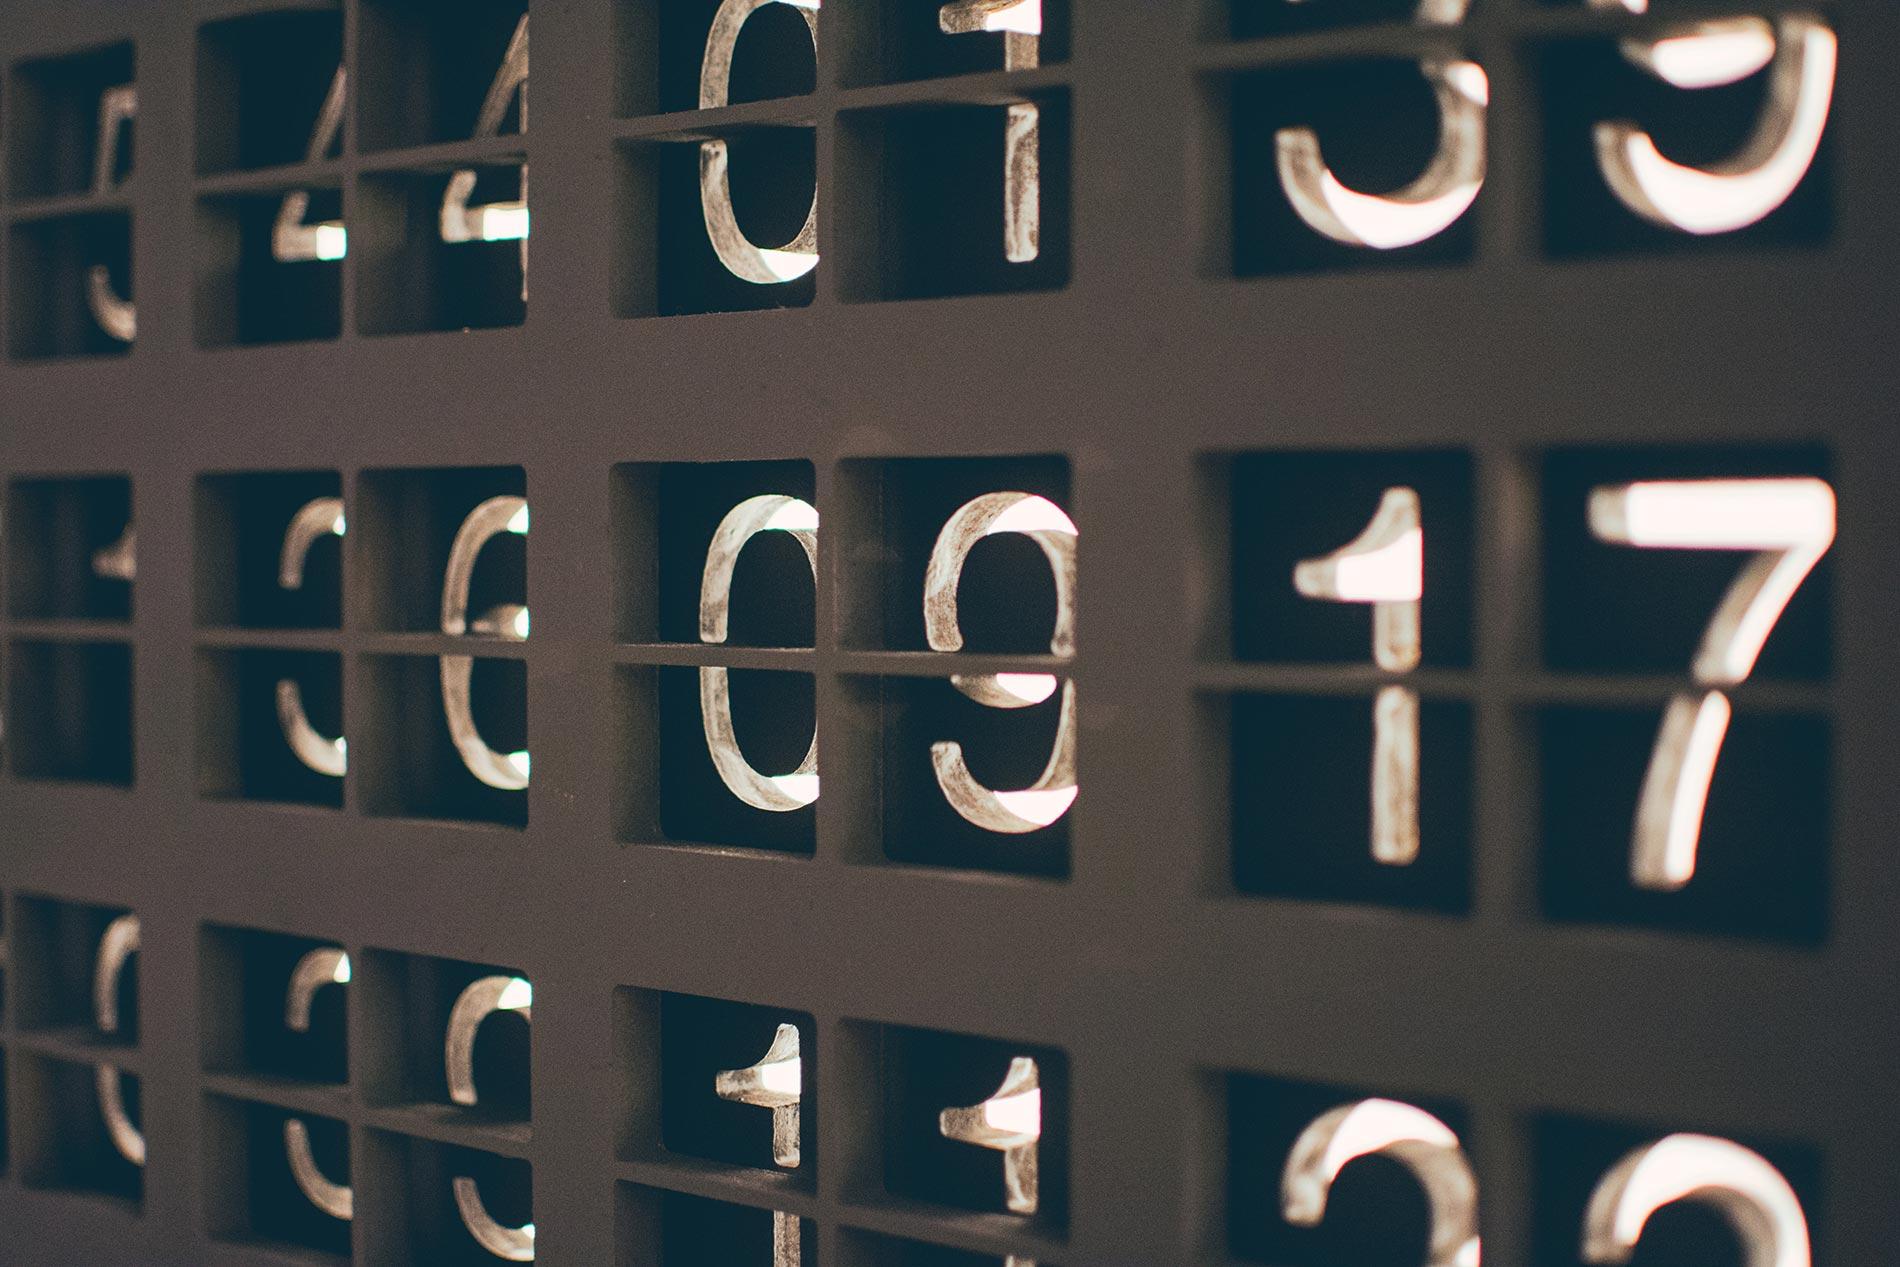 Schaut nicht immer nur auf Zahlen! 5 Gründe, die gegen Statistiken sprechen 1